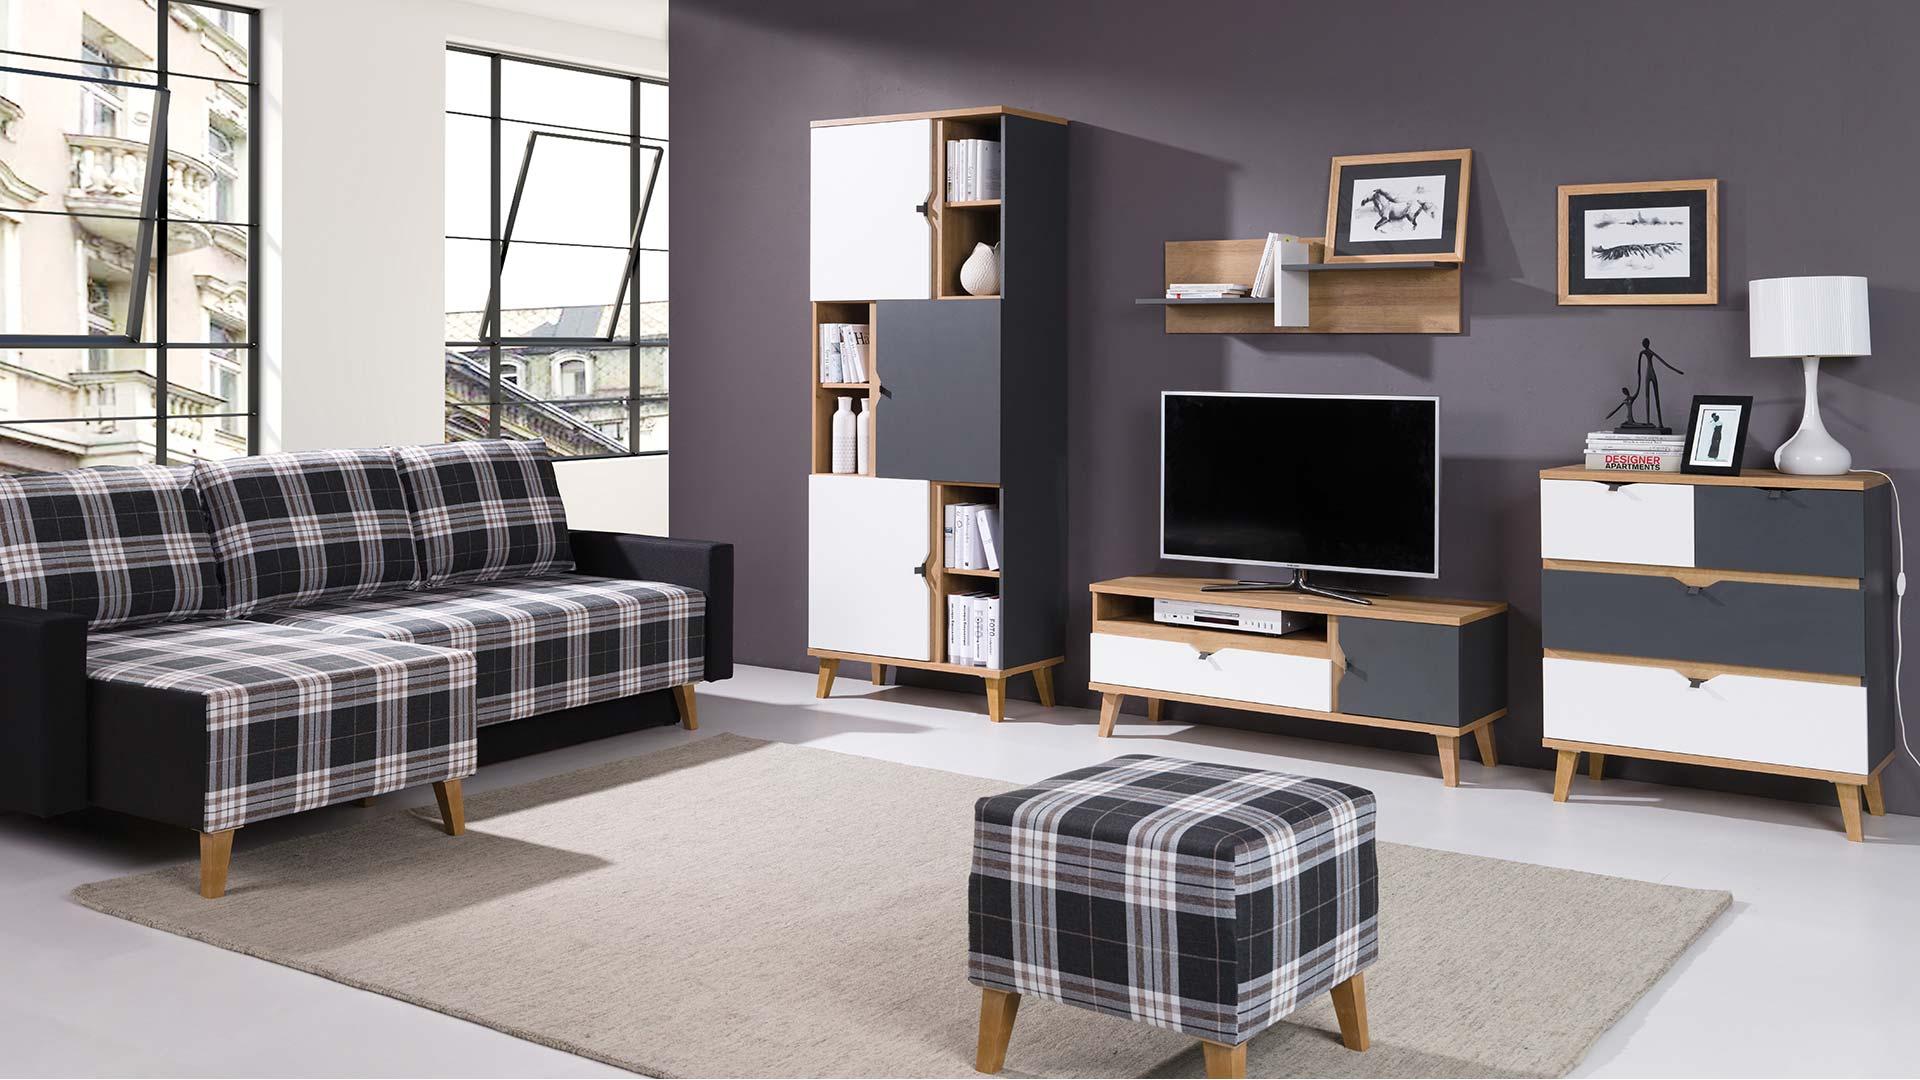 Conjunto de sal n color dorado blanco y grafito c moda armario mueble tv estanter a memo - Conjunto muebles salon ...